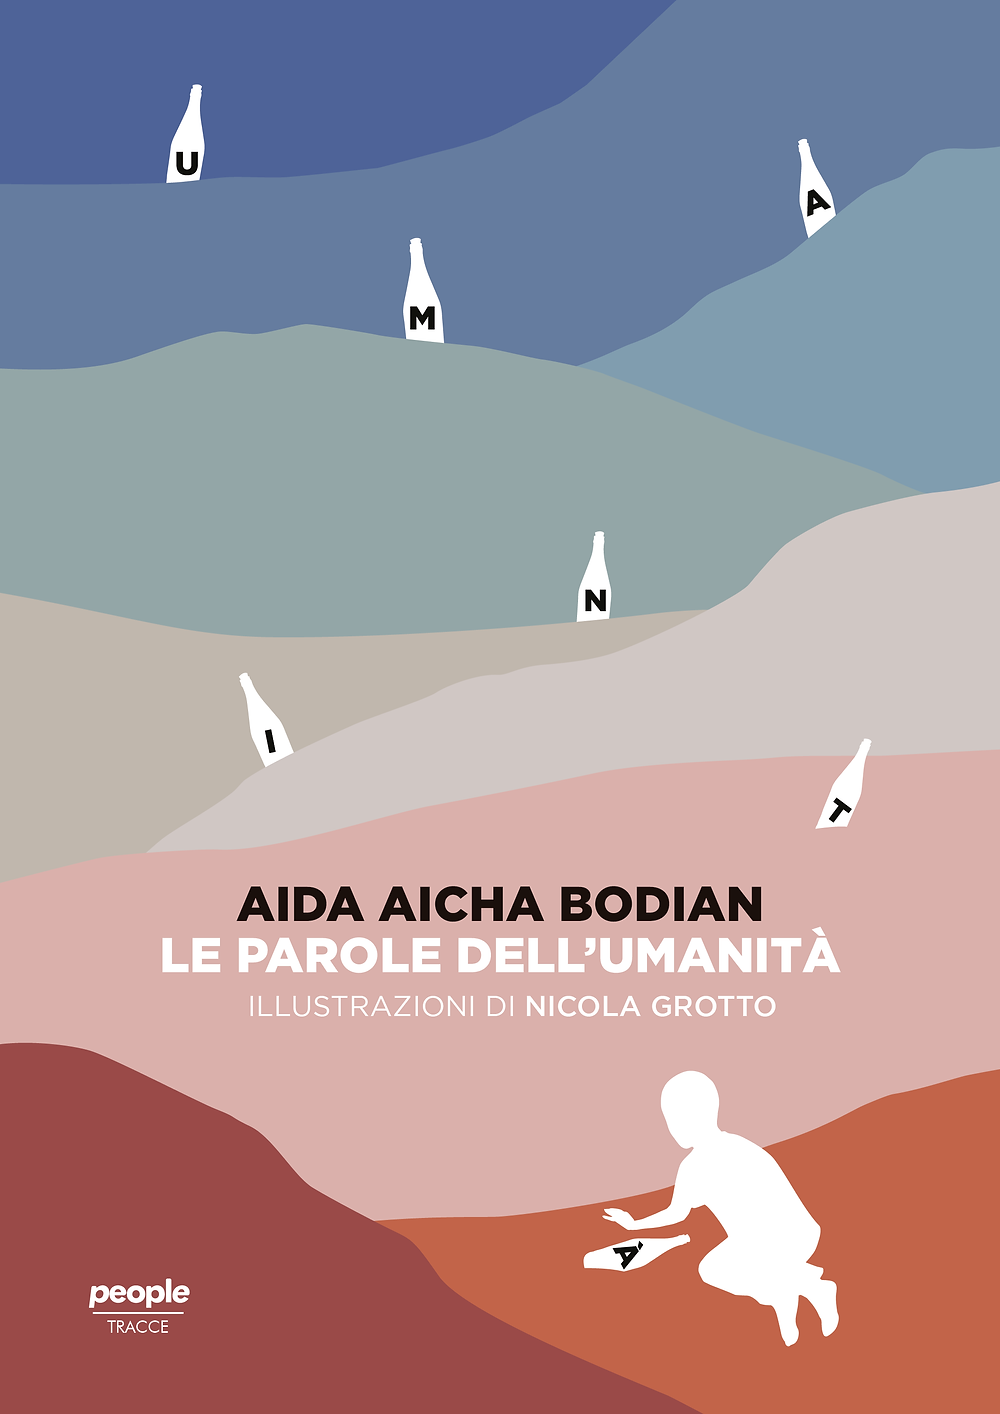 """Immagine della copertina del libro di Aida Bodian """"Le parole dell'umanità""""."""""""